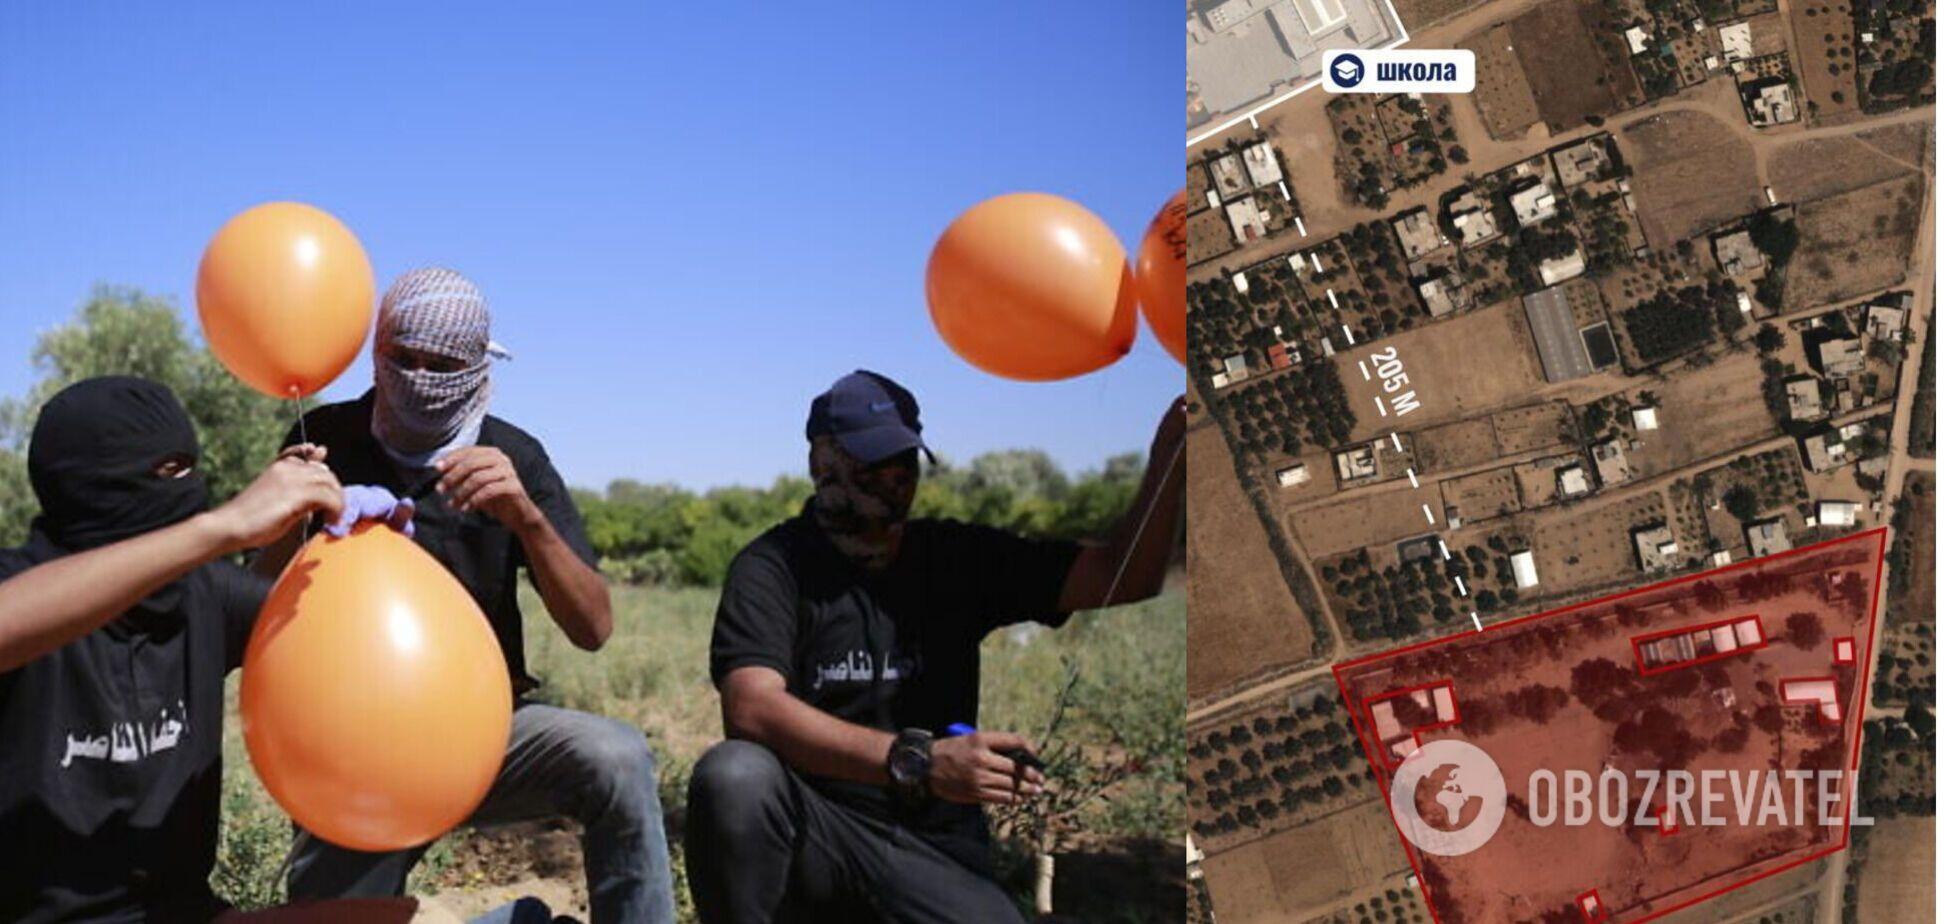 ХАМАС запустил шары со взрывчаткой на территорию Израиля